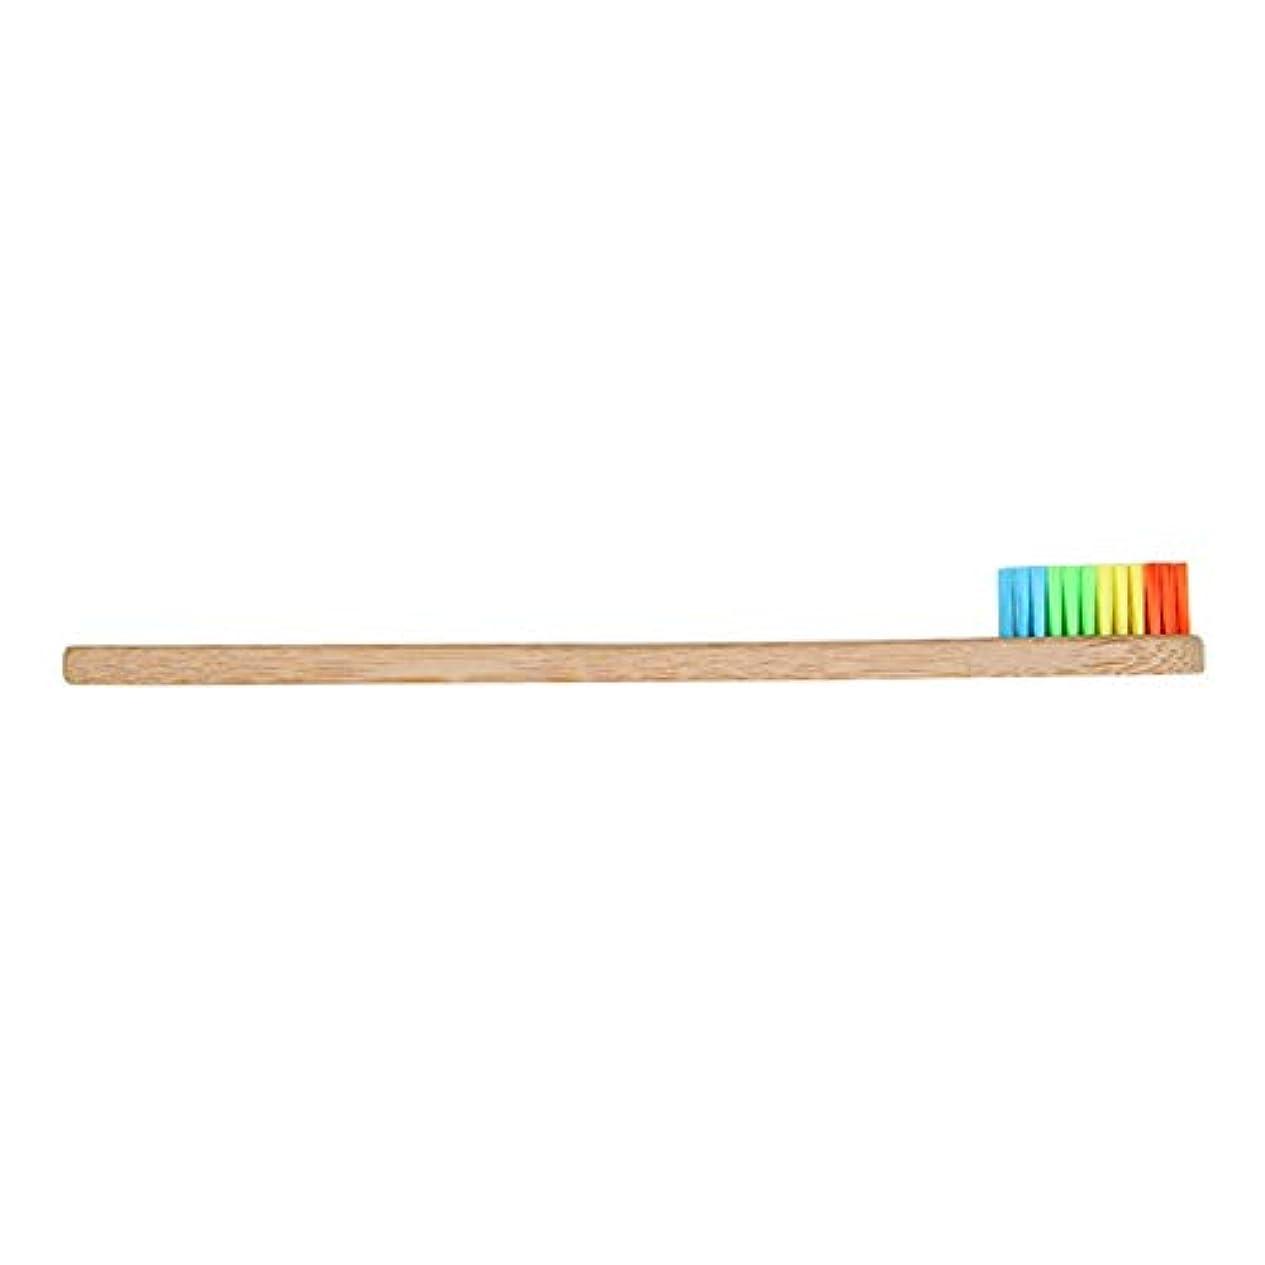 法廷風味名誉あるCoolTack 1/4個歯ブラシ竹木製ハンドル虹ソフト剛毛オーラルケア歯ブラシ用大人子供